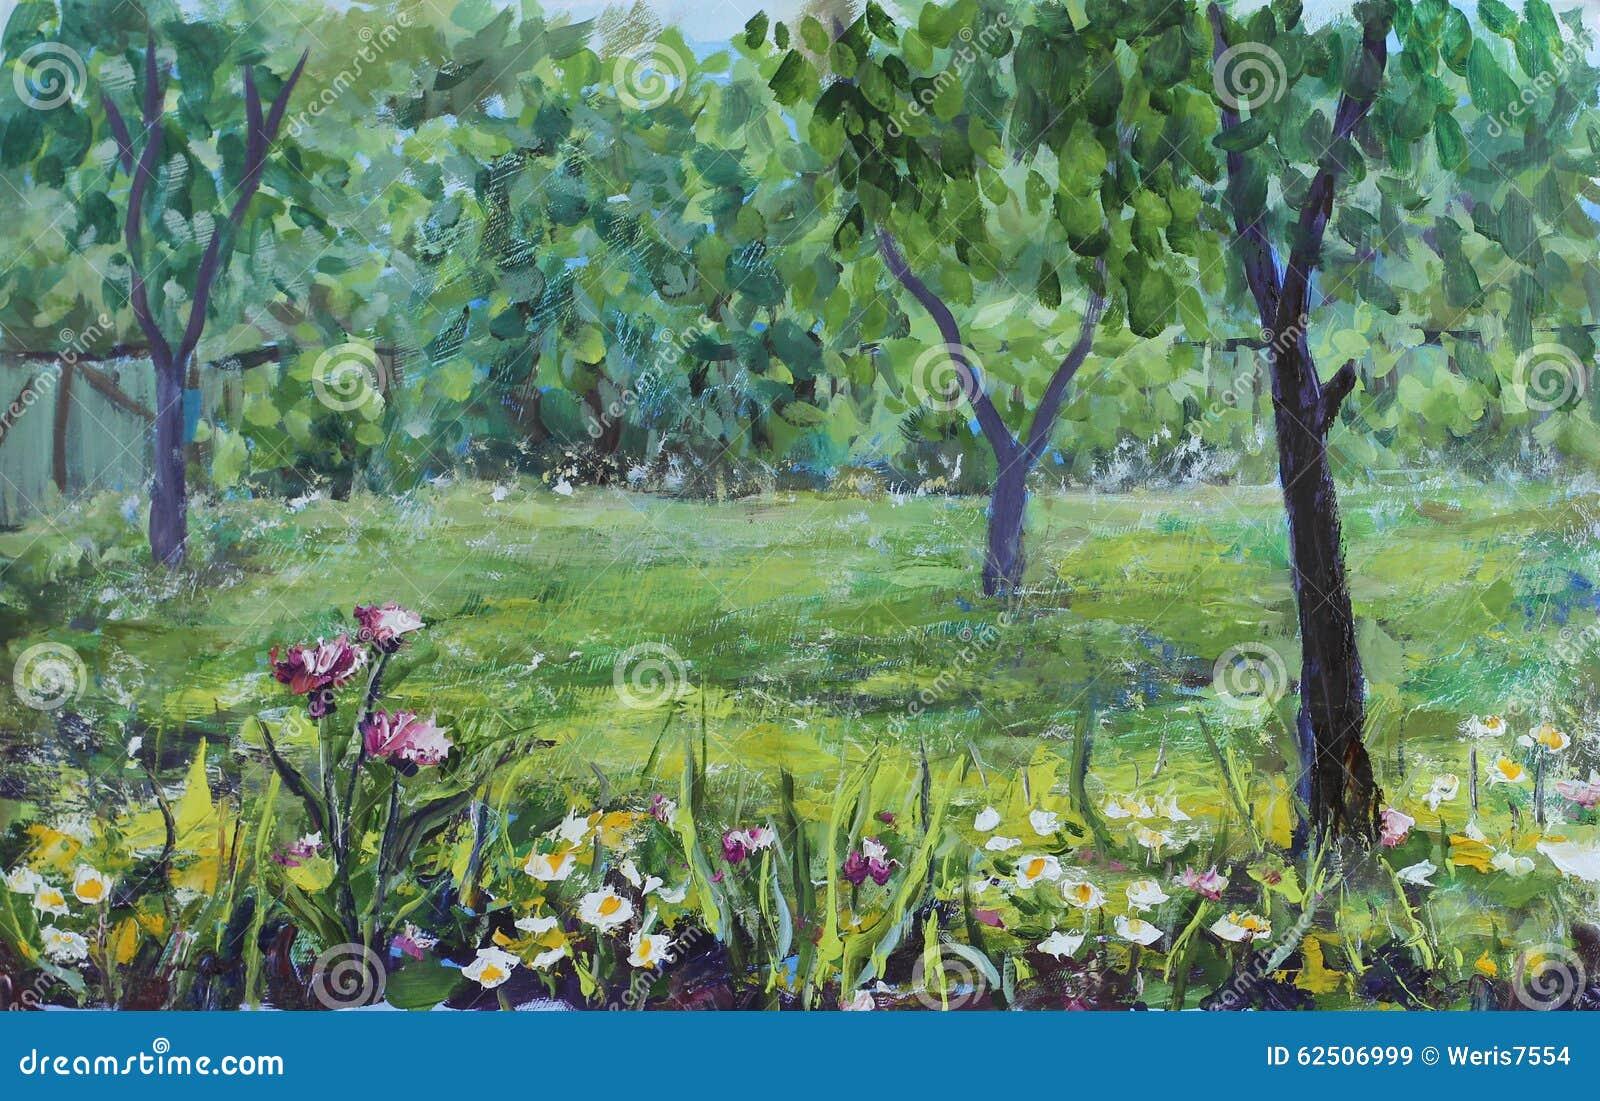 jardin rustique d 39 t arbres fleurs barri re peinture l 39 huile illustration stock image. Black Bedroom Furniture Sets. Home Design Ideas